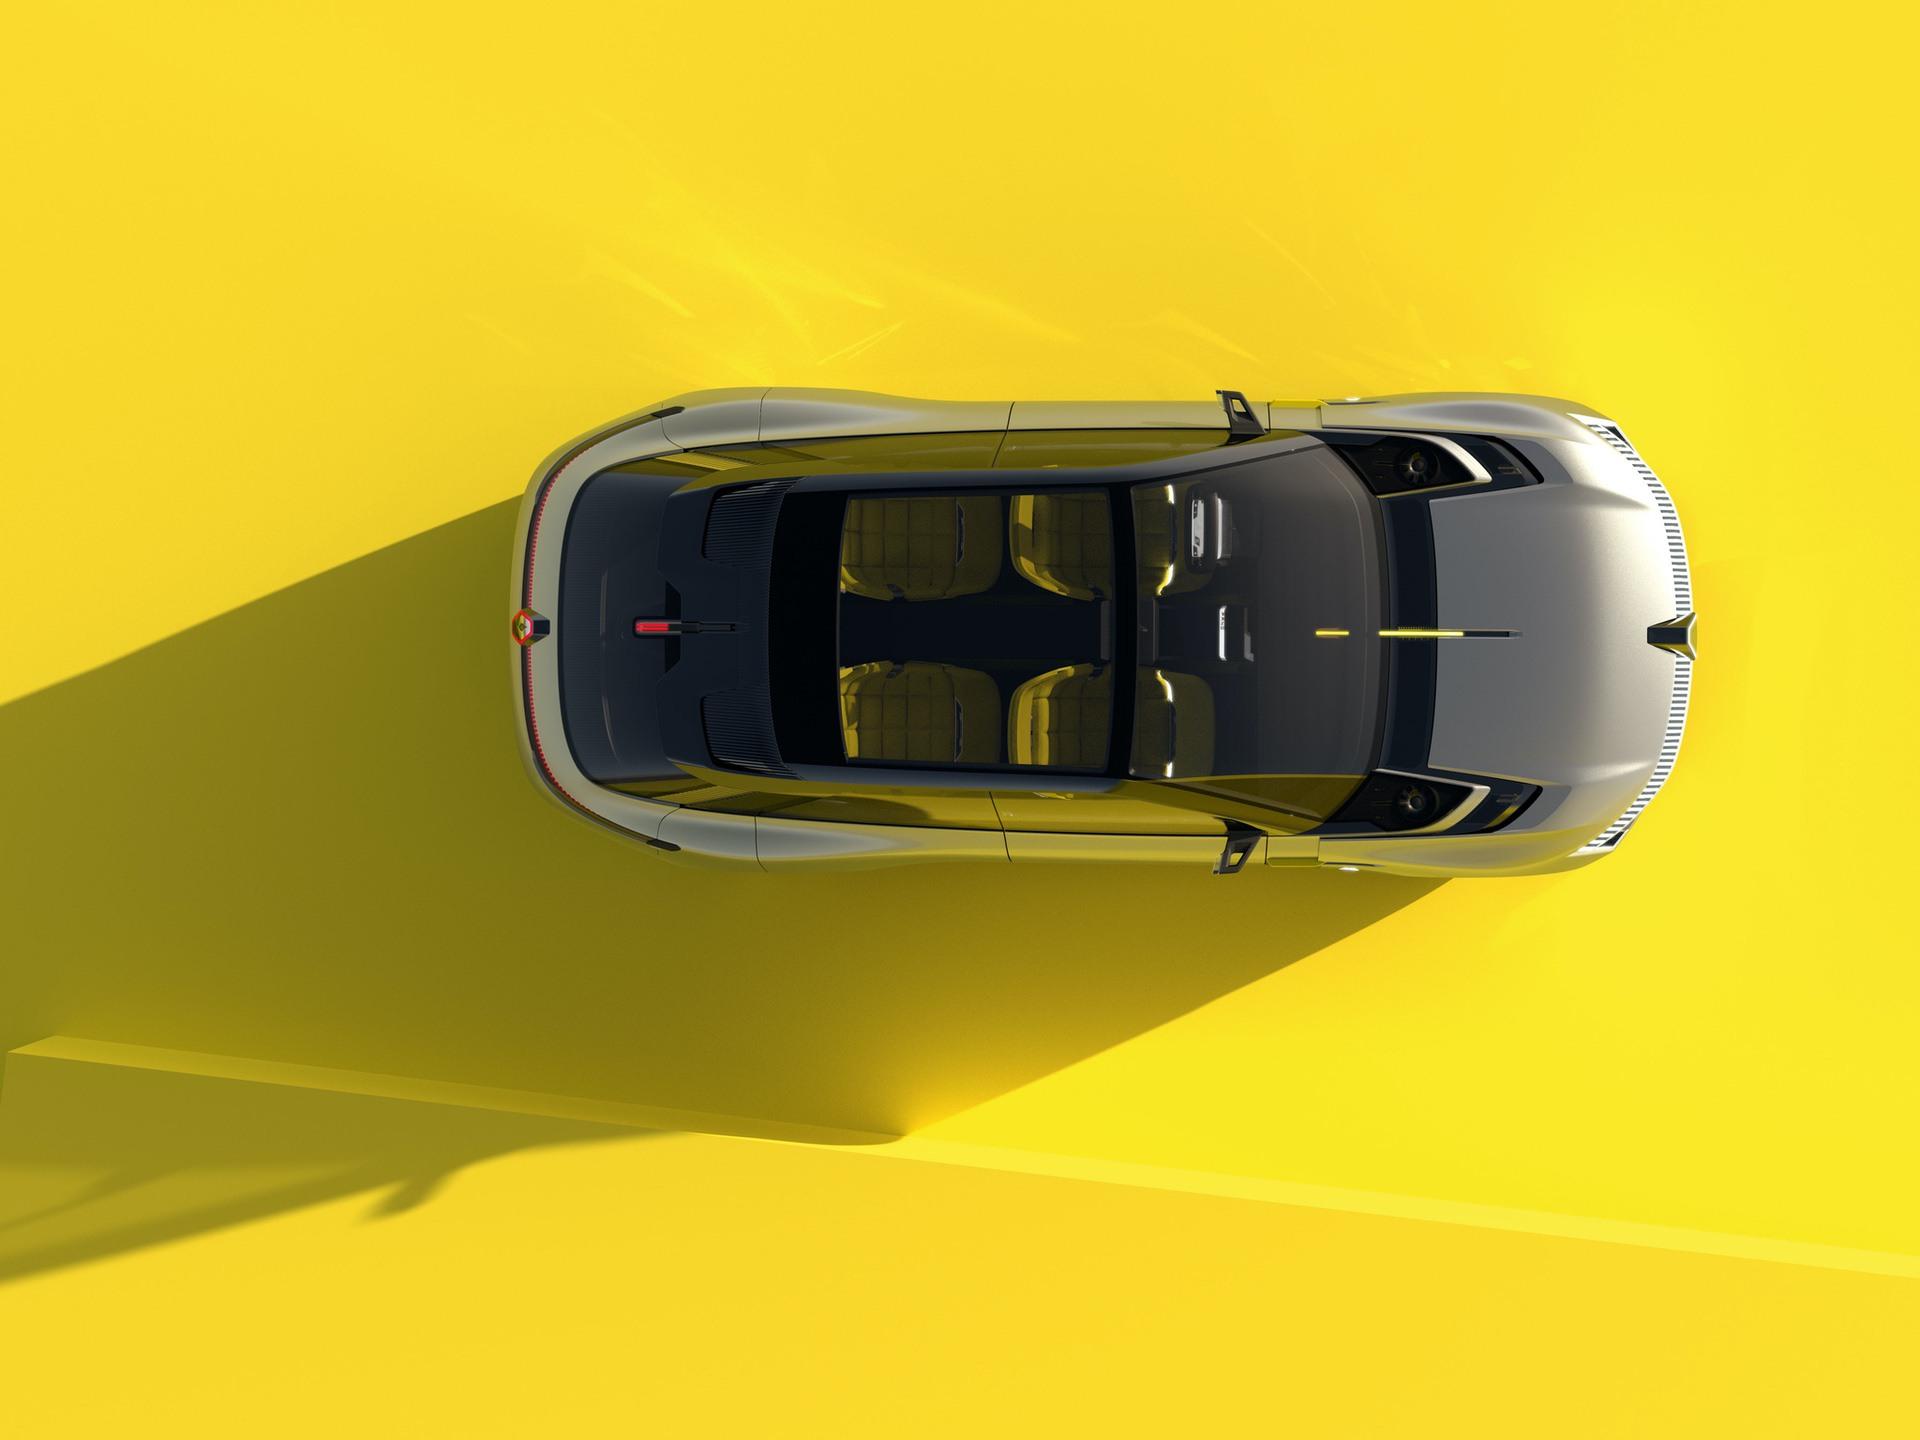 Renault_Morphoz_concept_0019